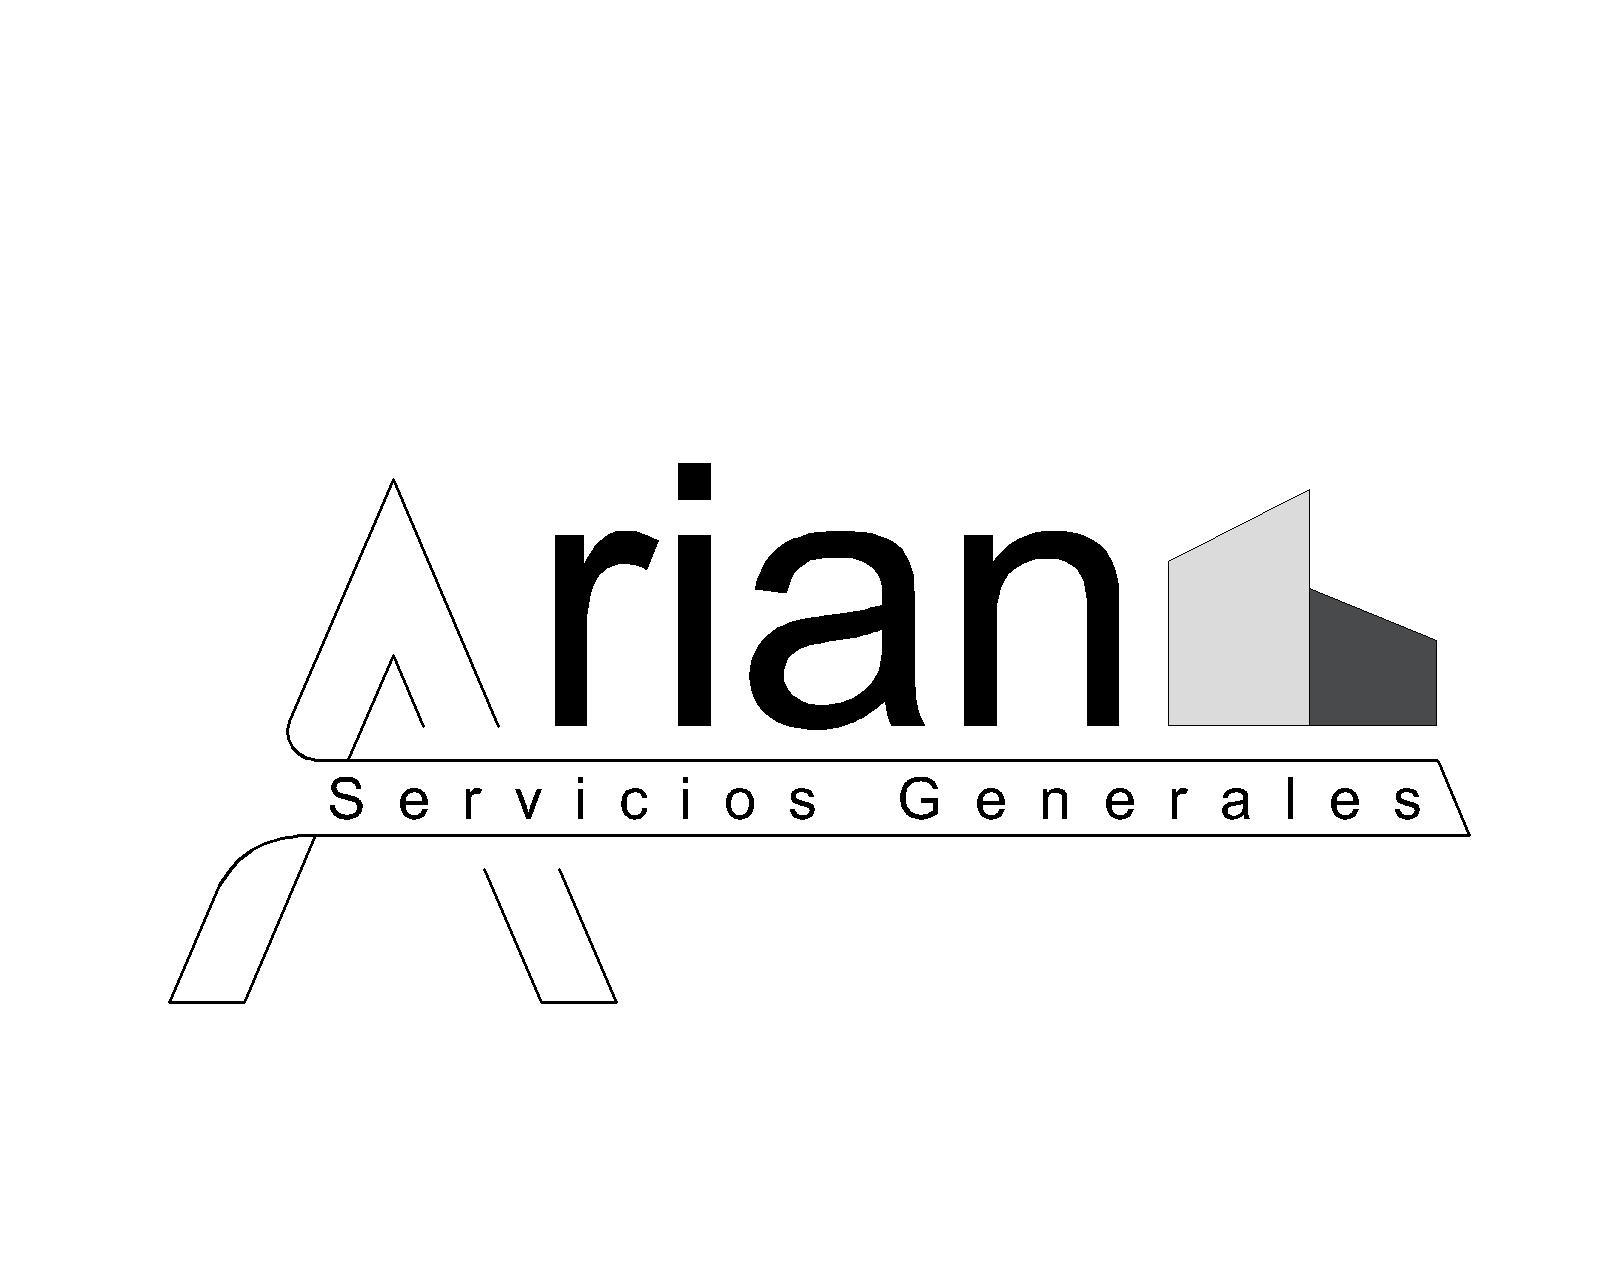 Arian servicios generales